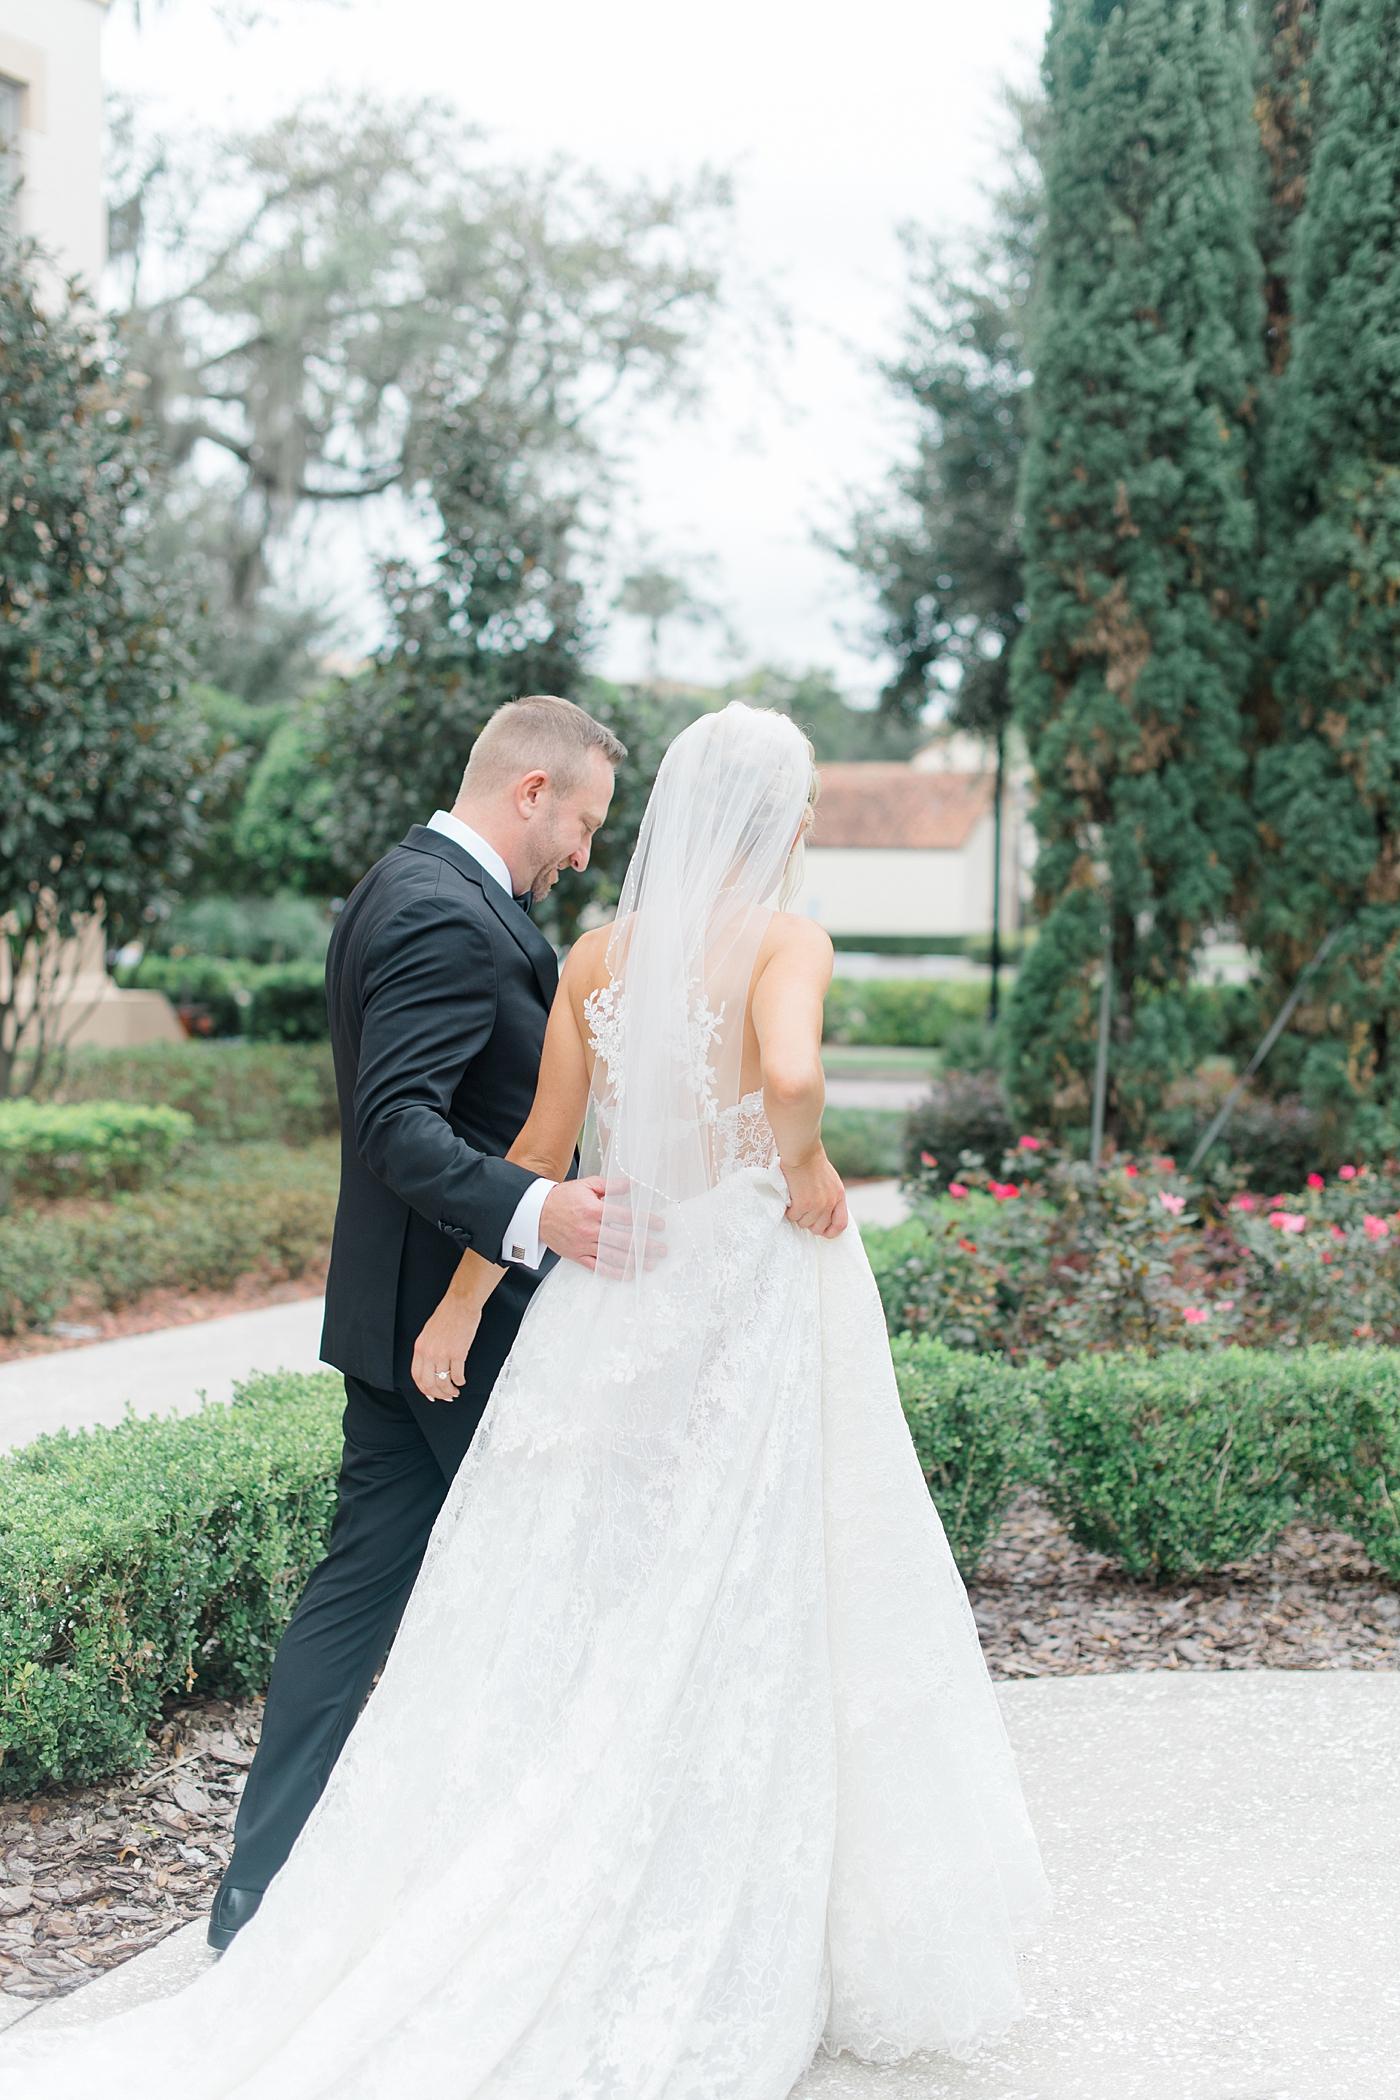 Orlando garden wedding